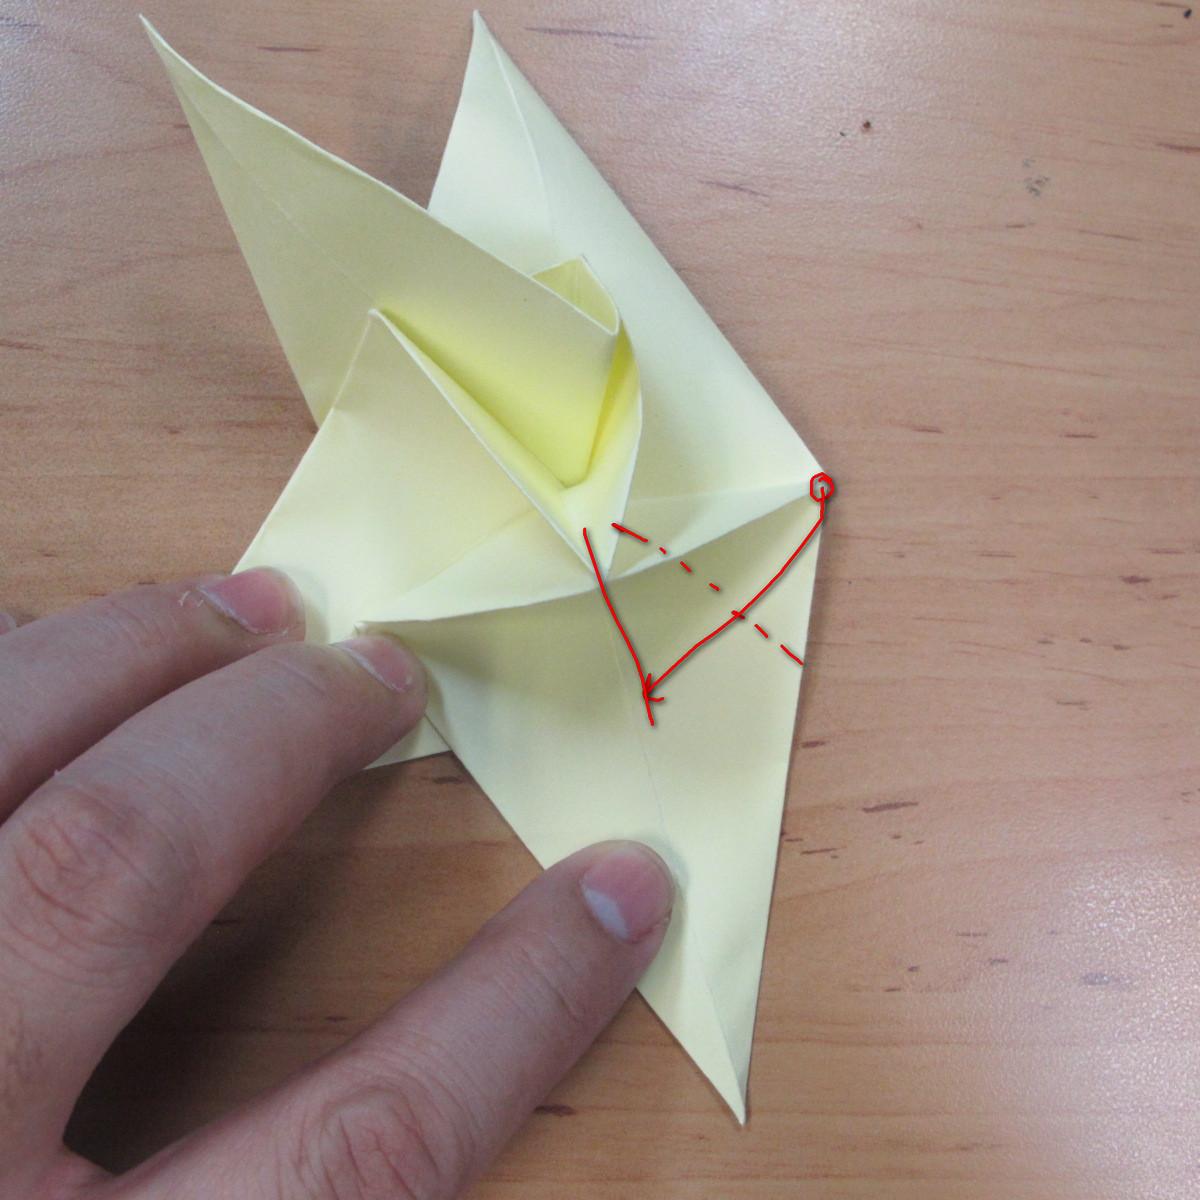 วิธีพับกระดาษเป็นดอกกุหลายแบบเกลียว 028